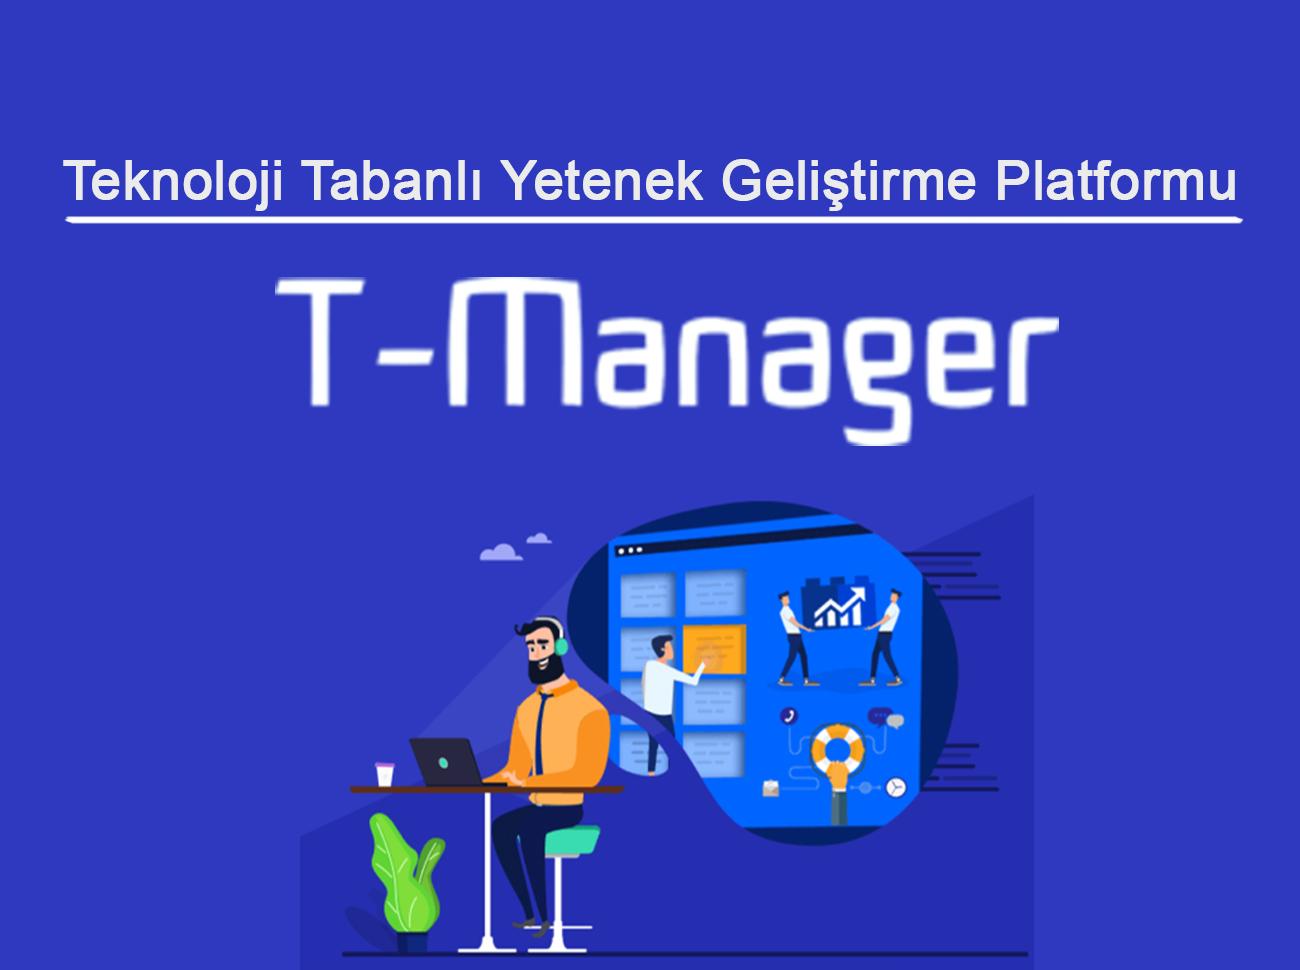 Teknoloji Tabanlı Yetenek Geliştirme Platformu: T-Manager